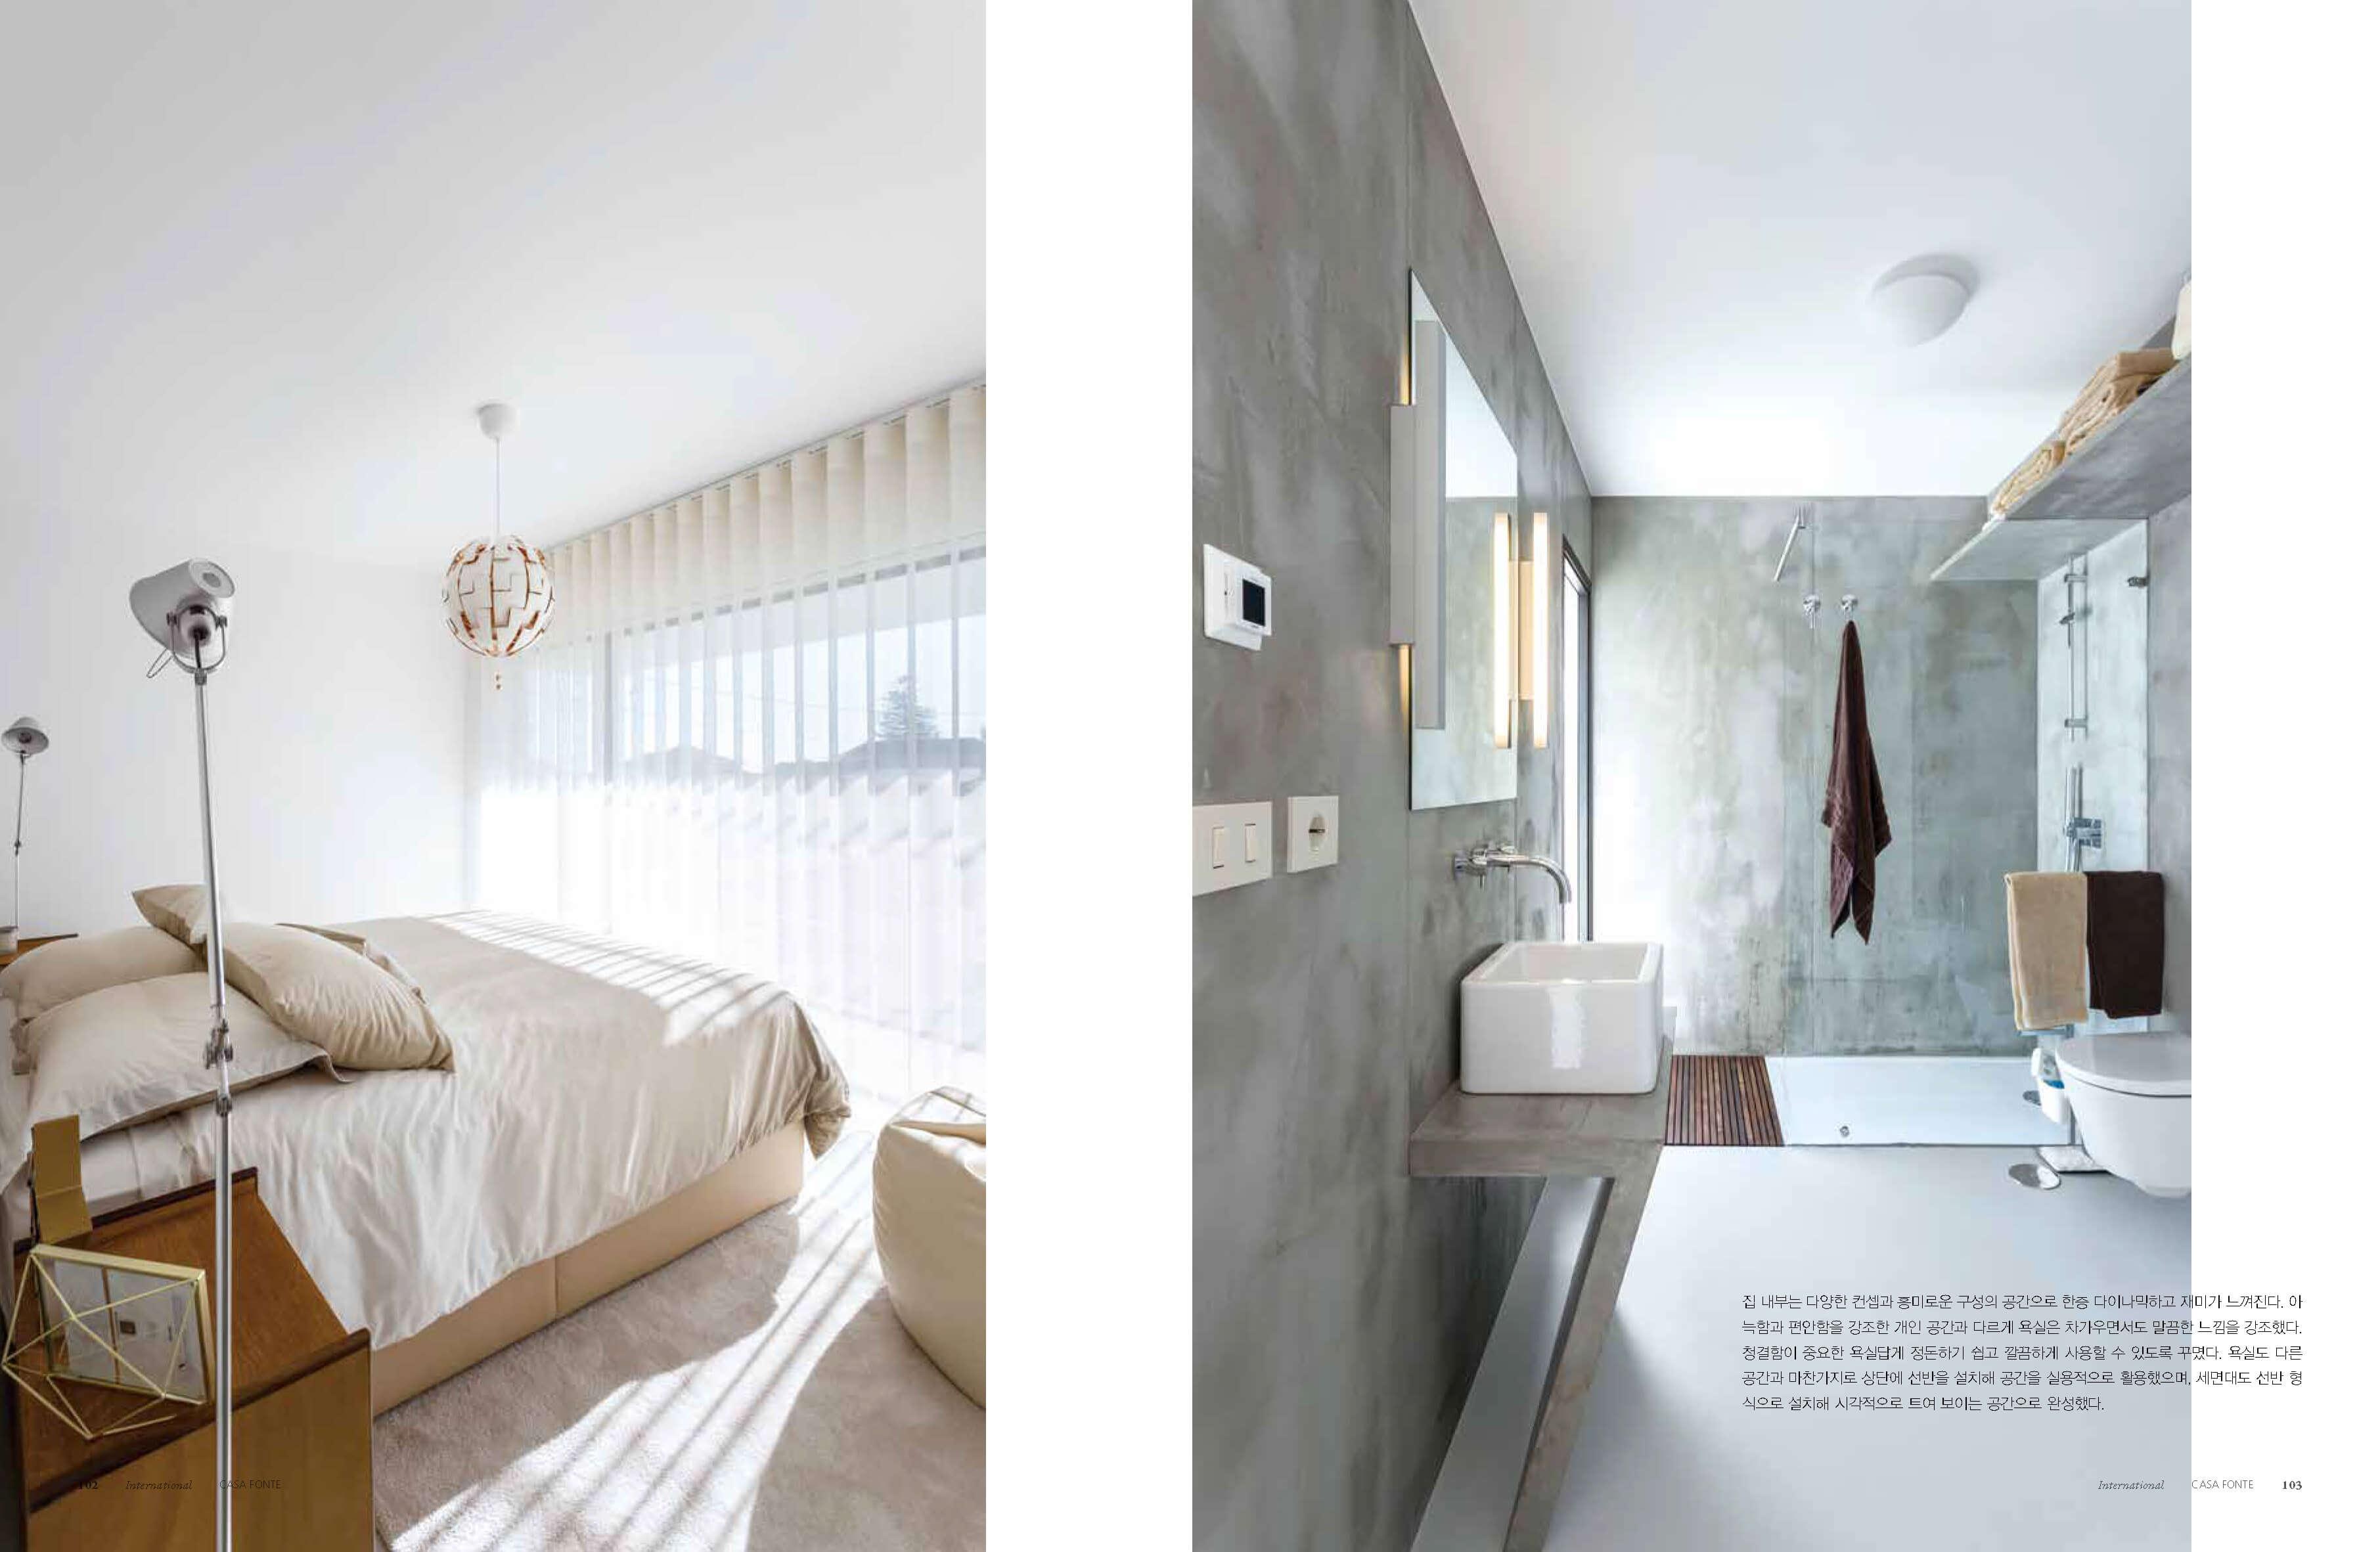 Deco Jornal Revista Arquitetura Lousinha Arquitectos Página 7 do fotografo Ivo Tavares Studio